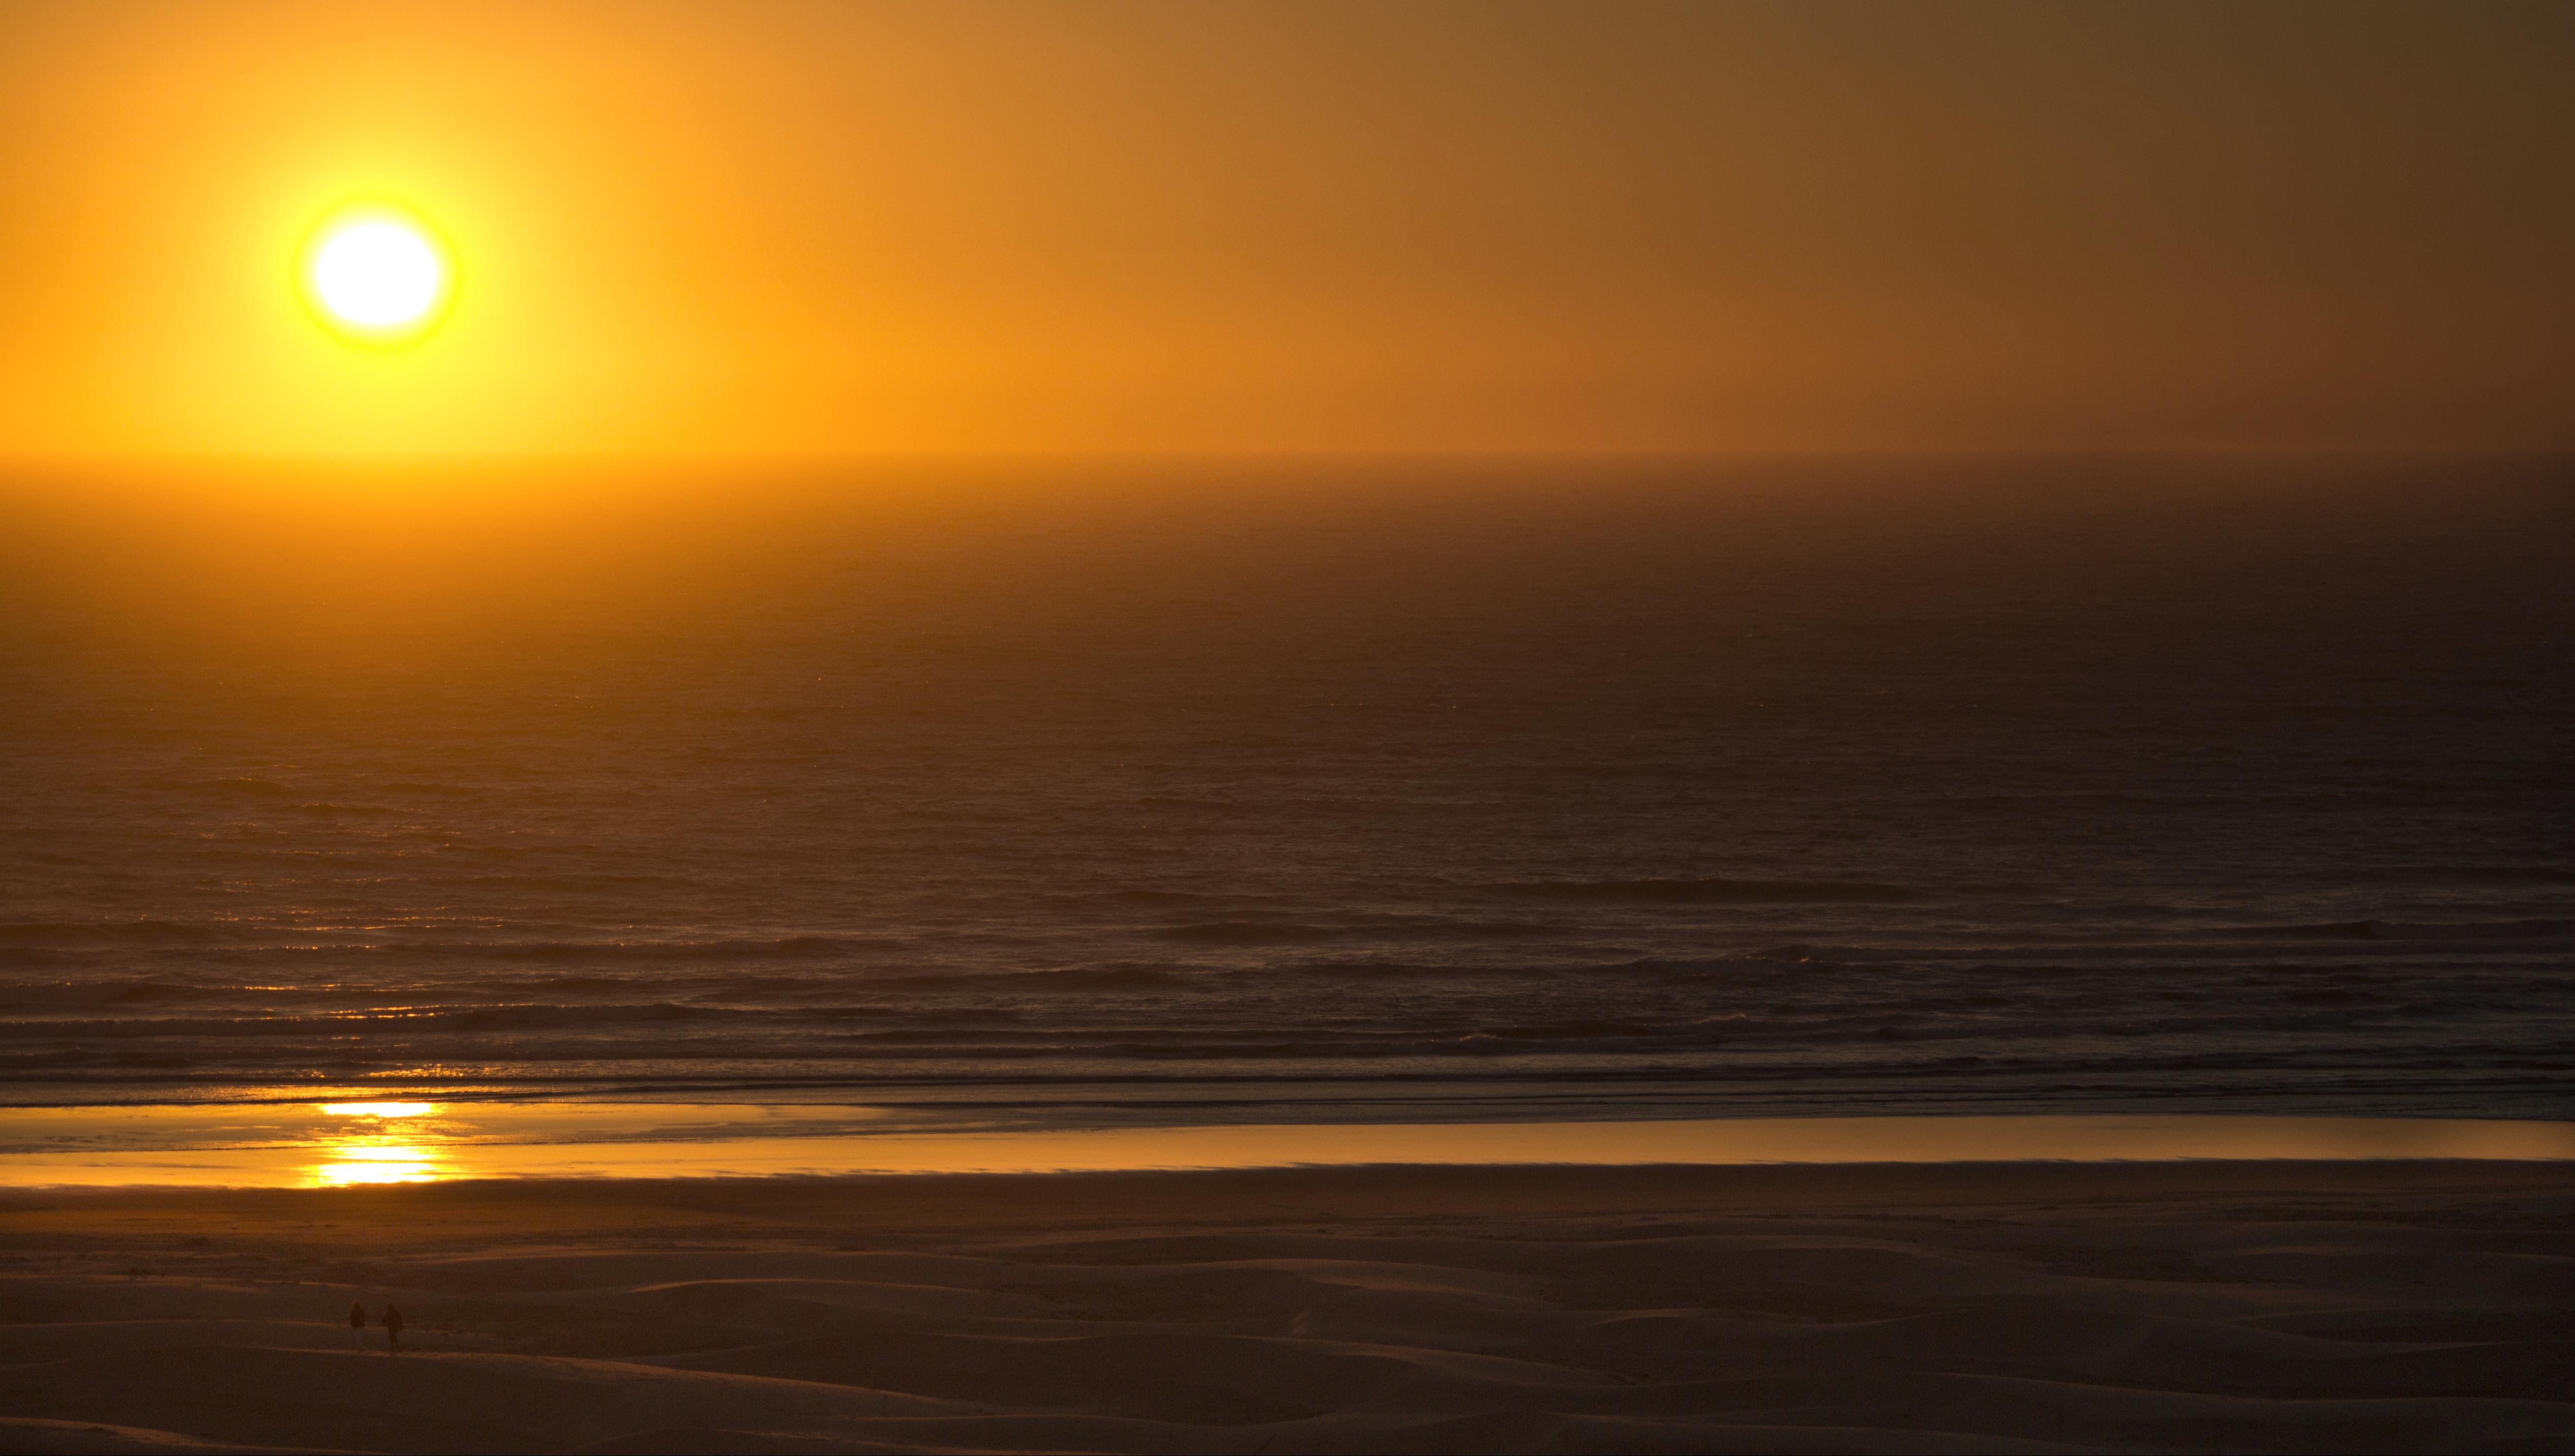 Orange sunset at the oregon coast photo